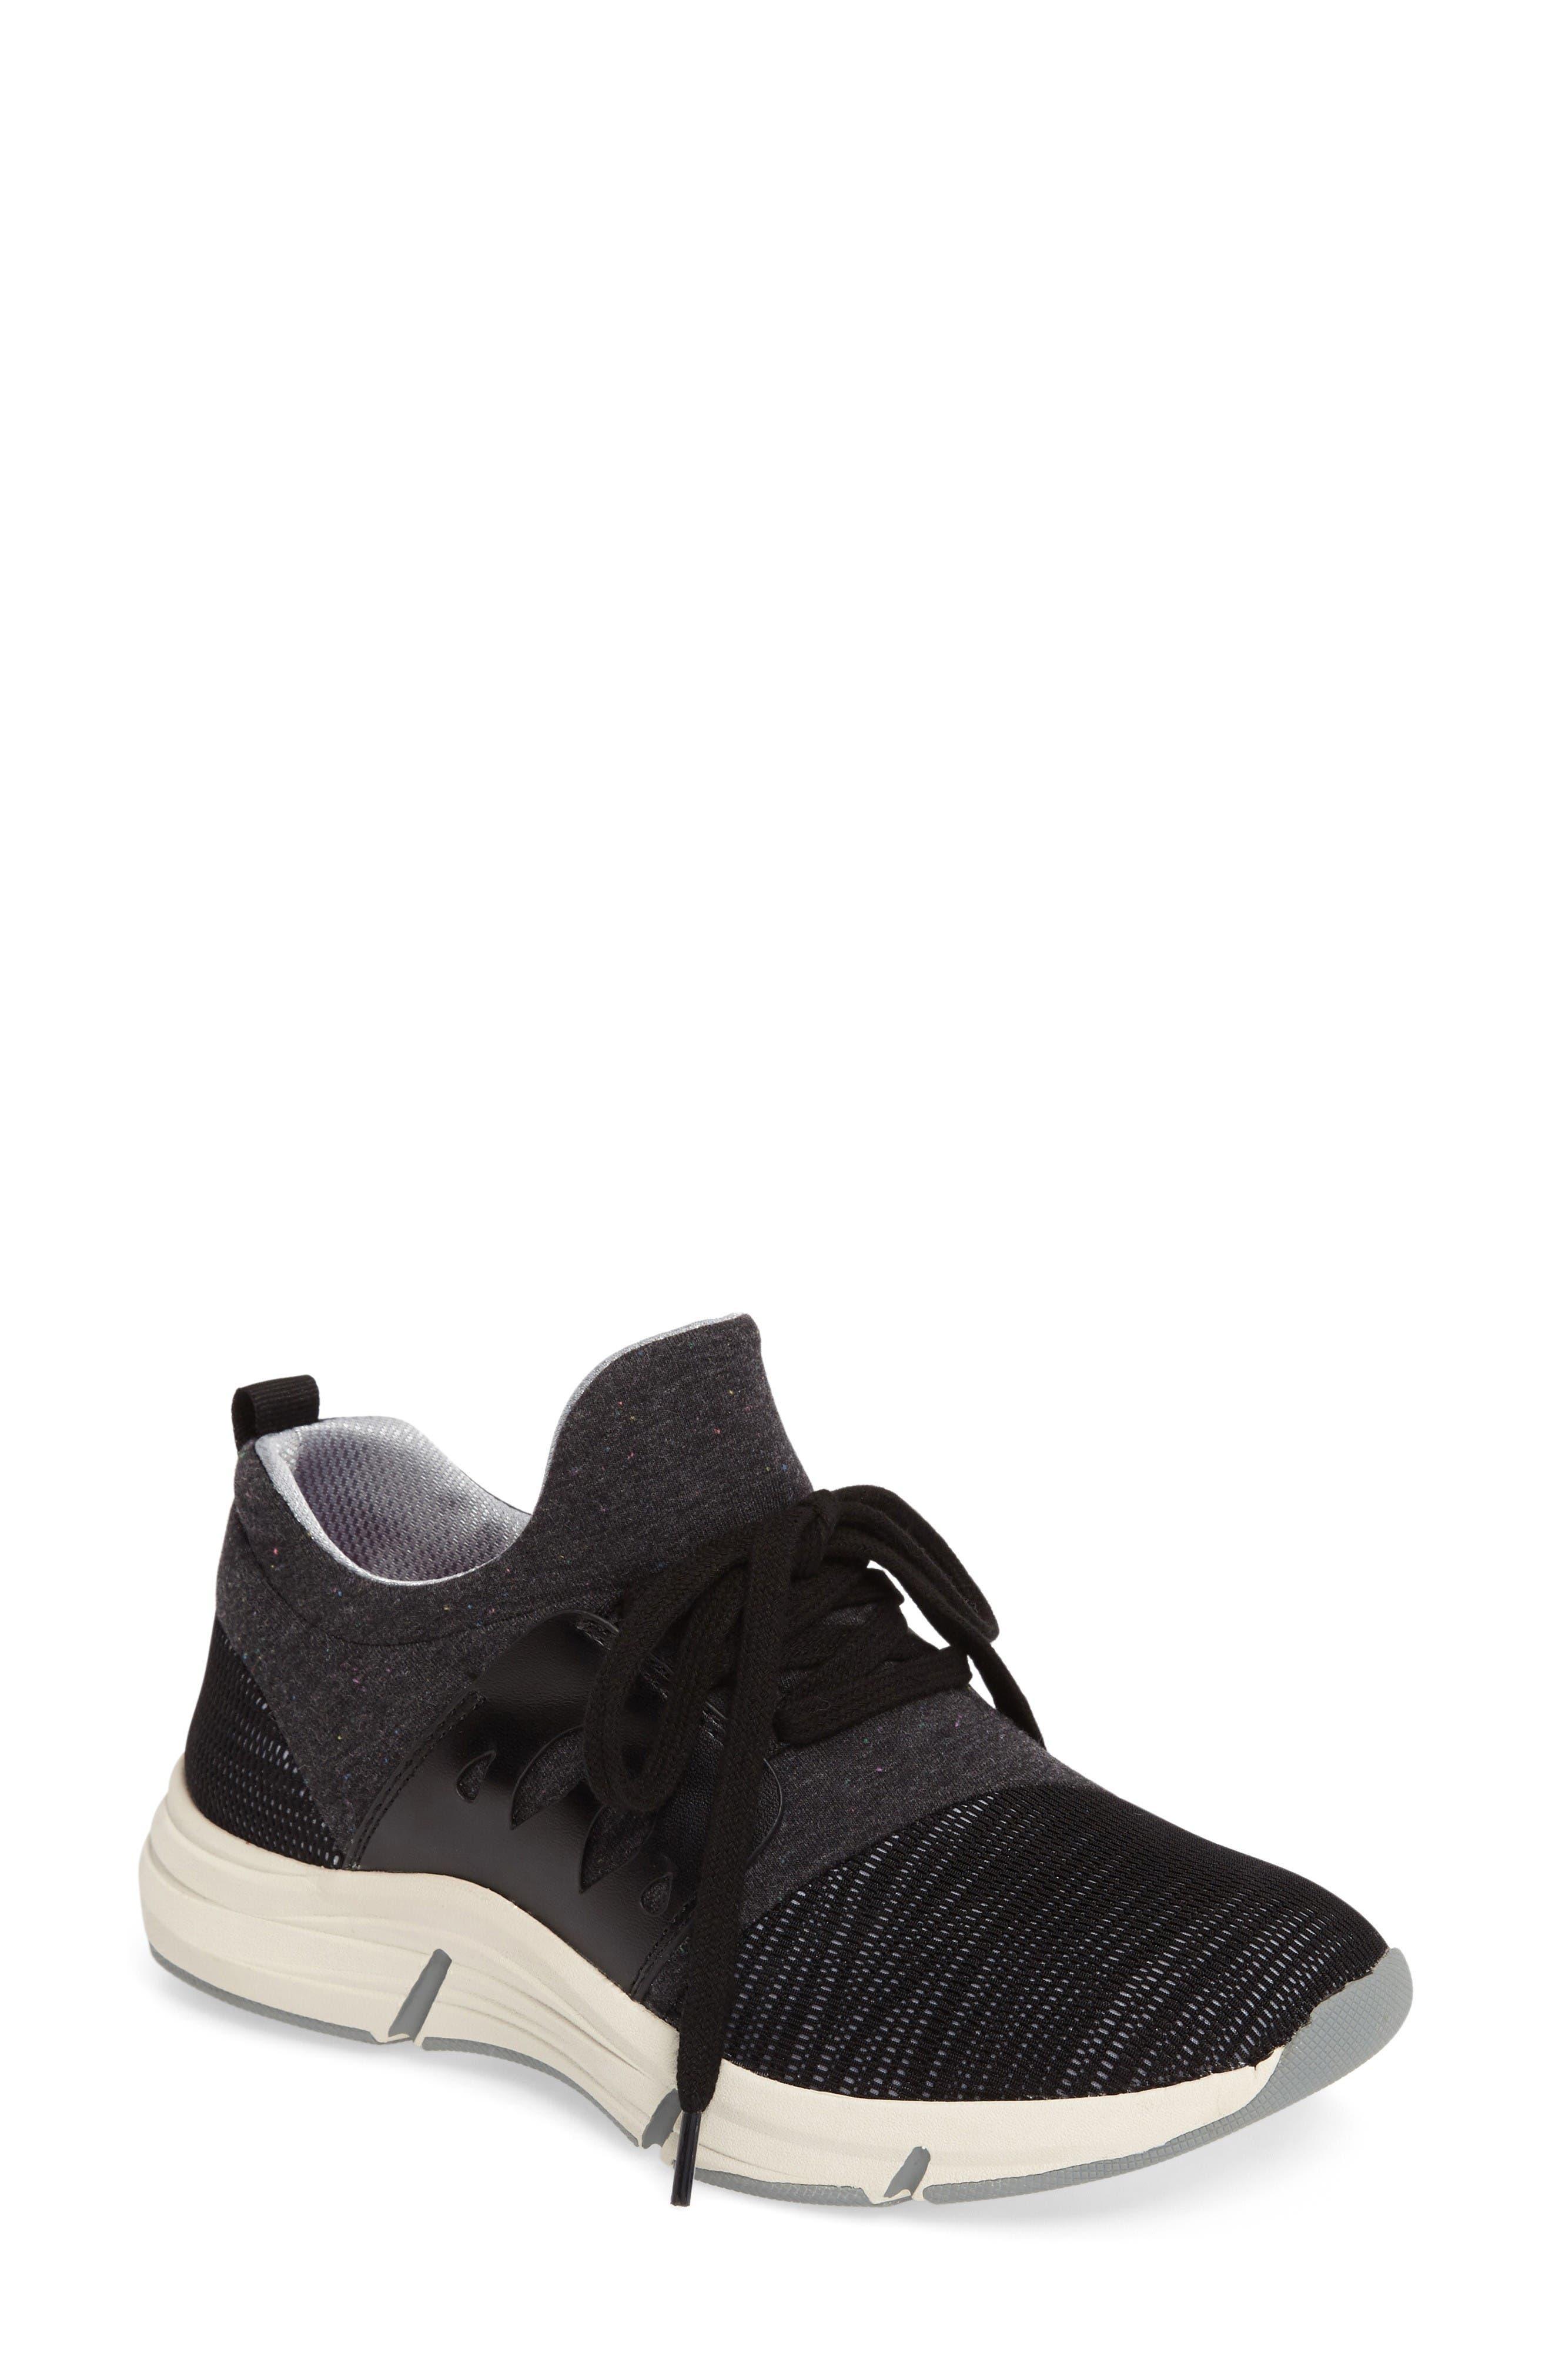 BIONICA Ordell Sneaker